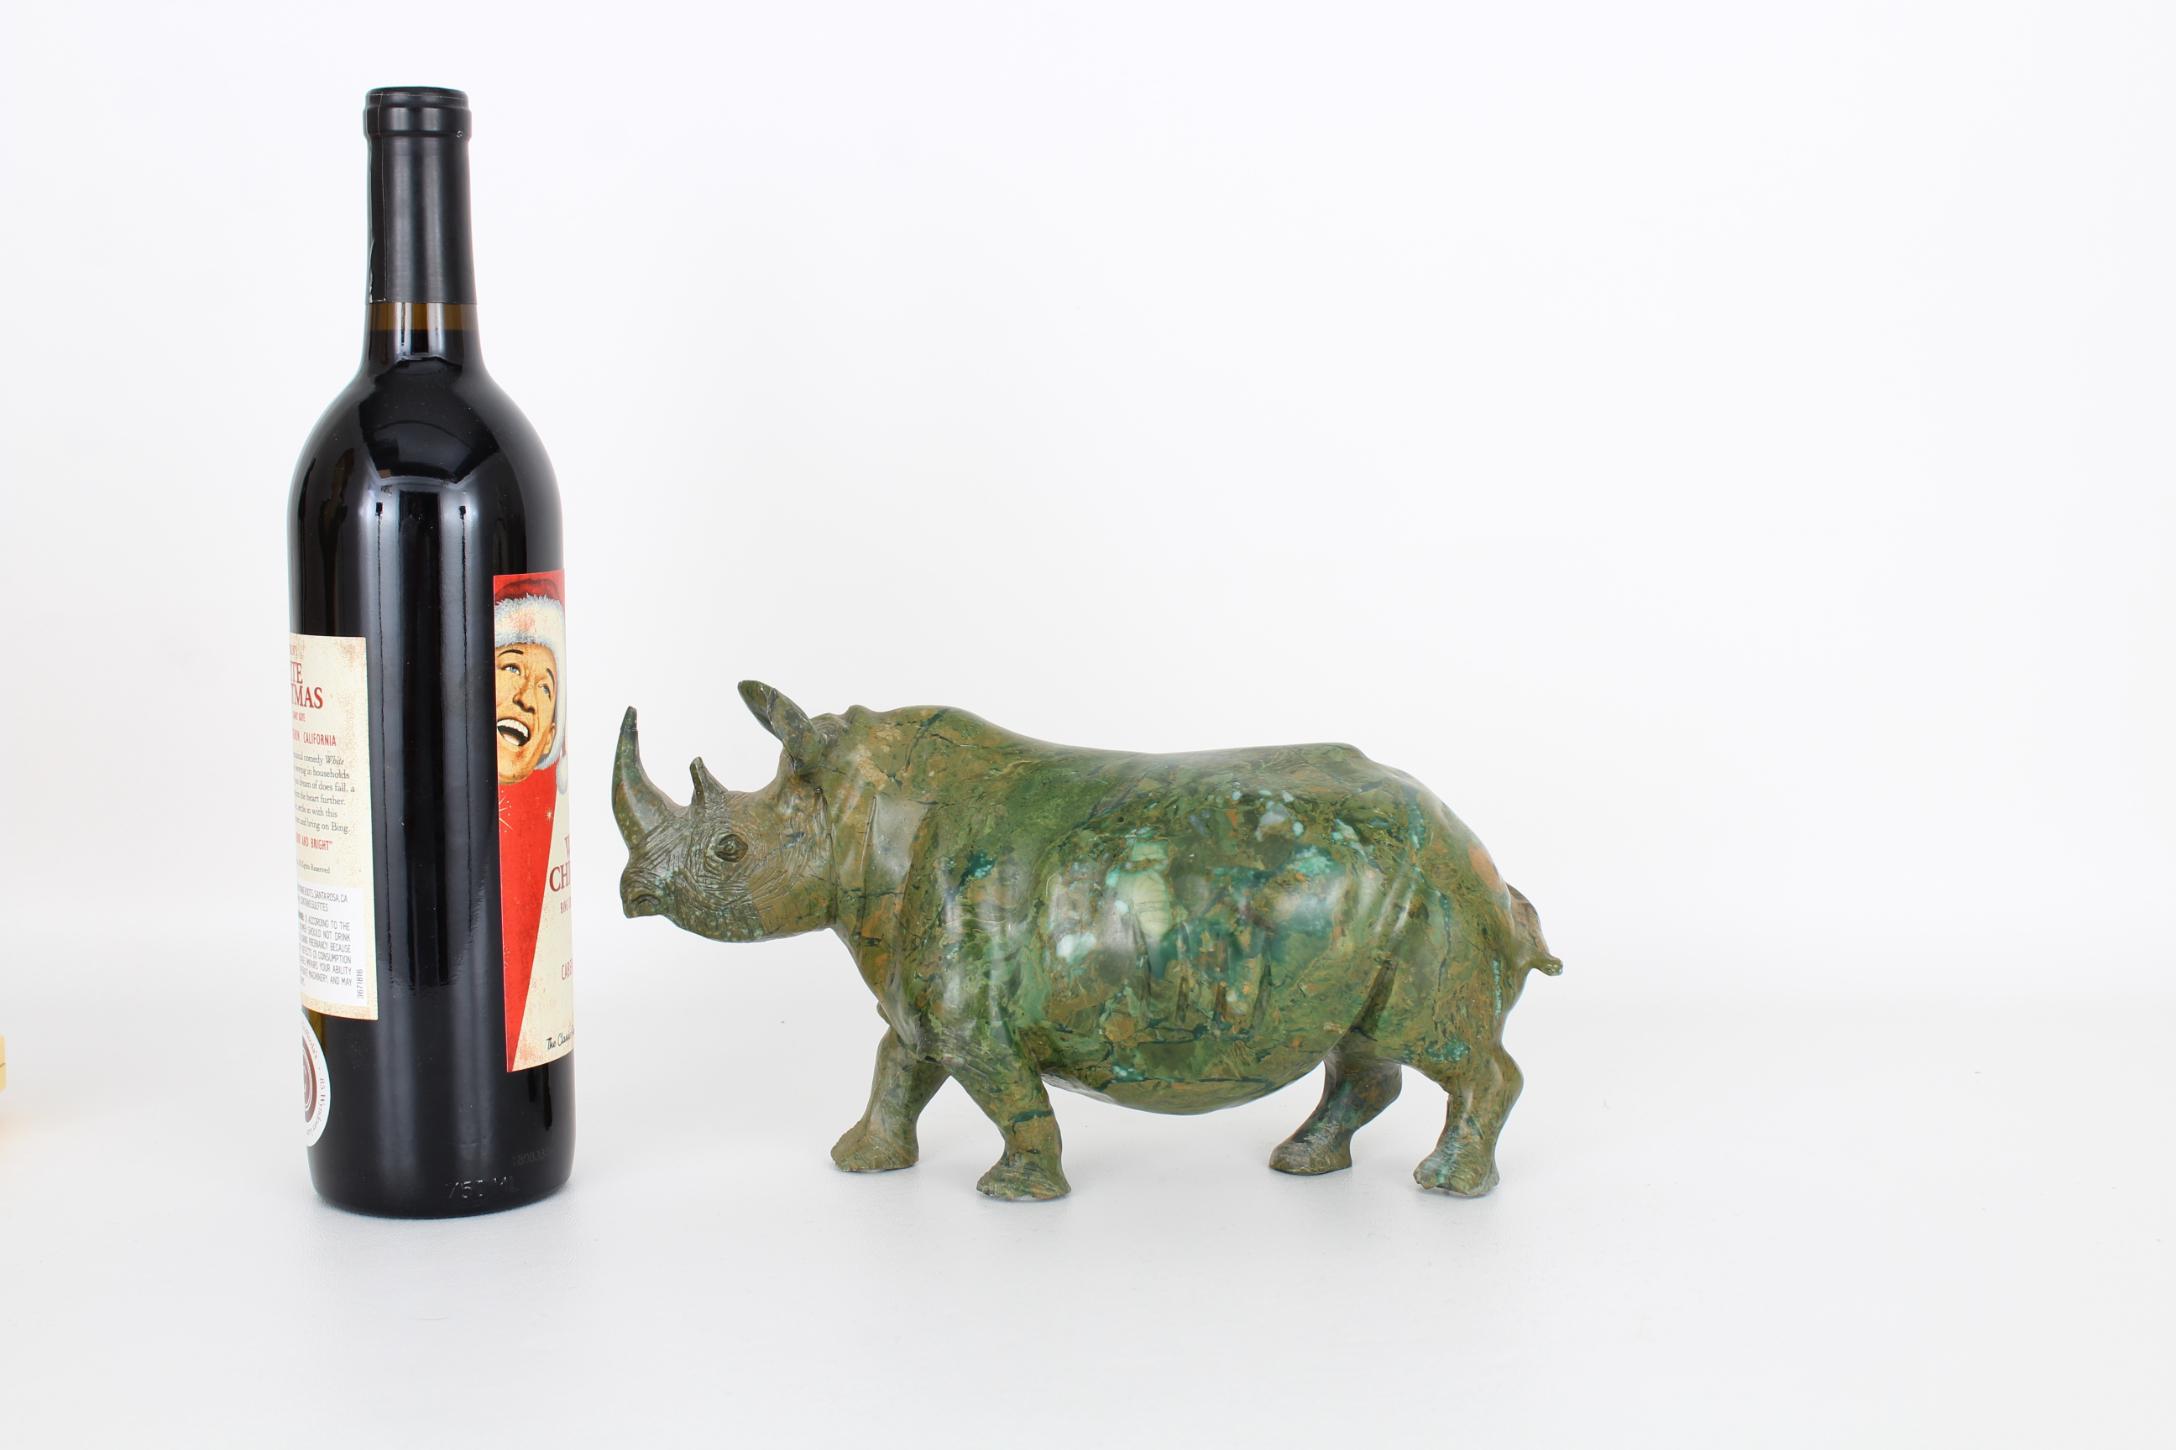 Vintage Carved Marble Rhinoceros - Image 2 of 5